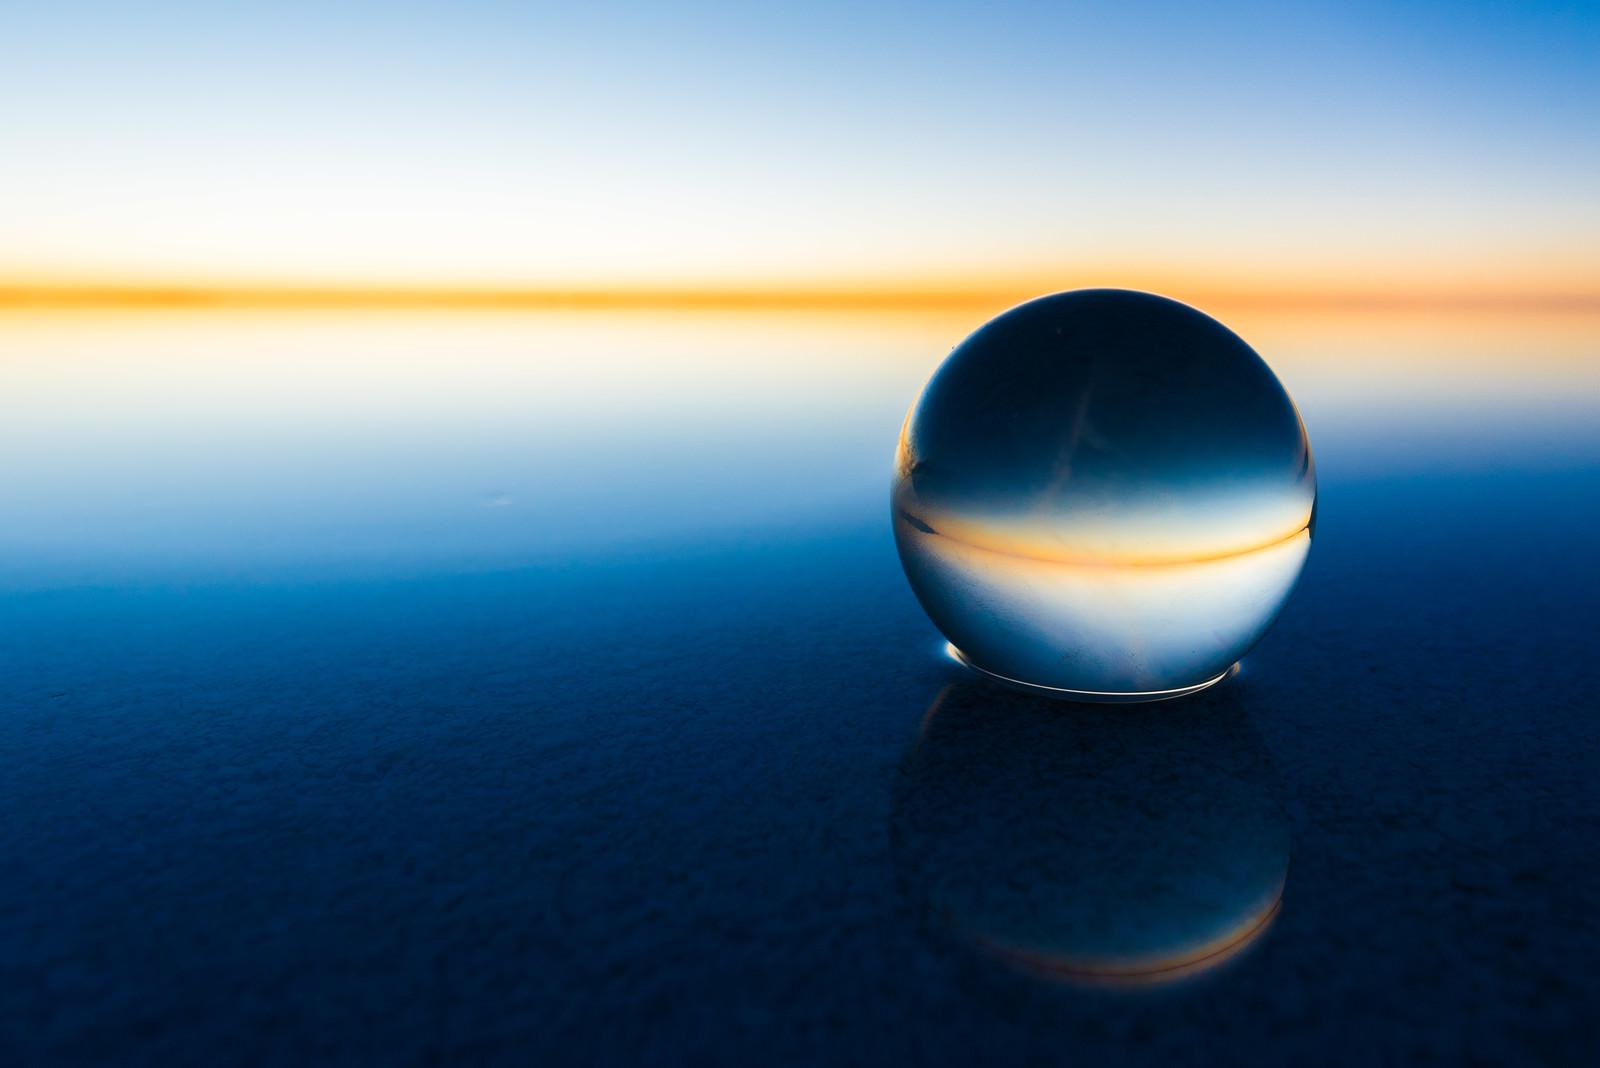 「丸い水晶とウユニ塩湖の水平線丸い水晶とウユニ塩湖の水平線」のフリー写真素材を拡大